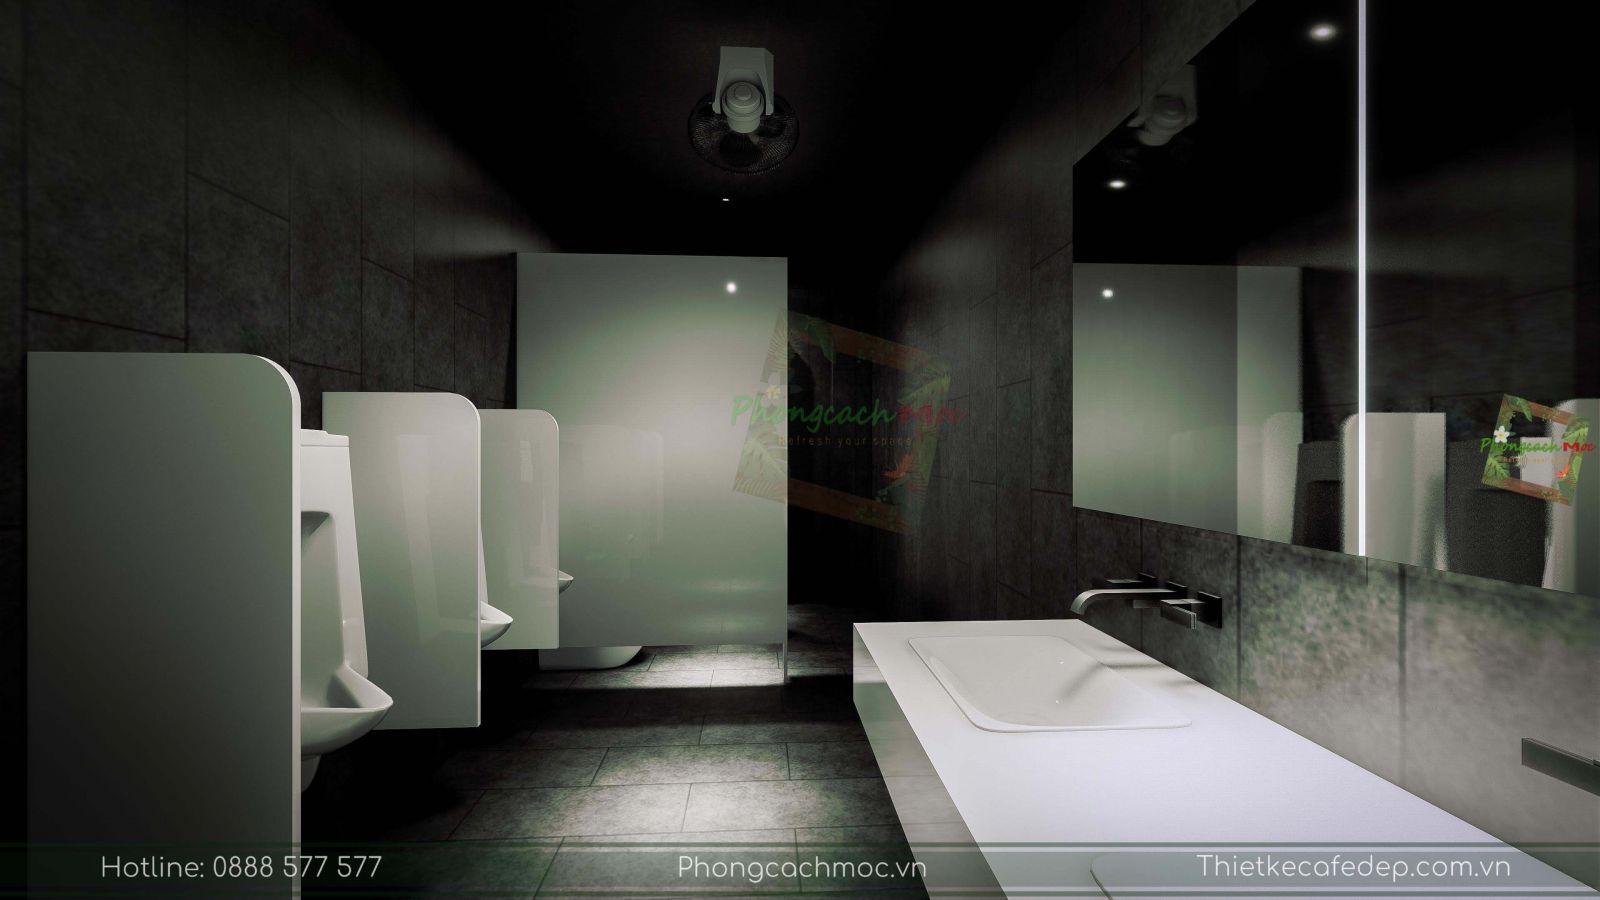 thiết kế nhà hàng trung hoa - không gian nhà vệ sinh - 3